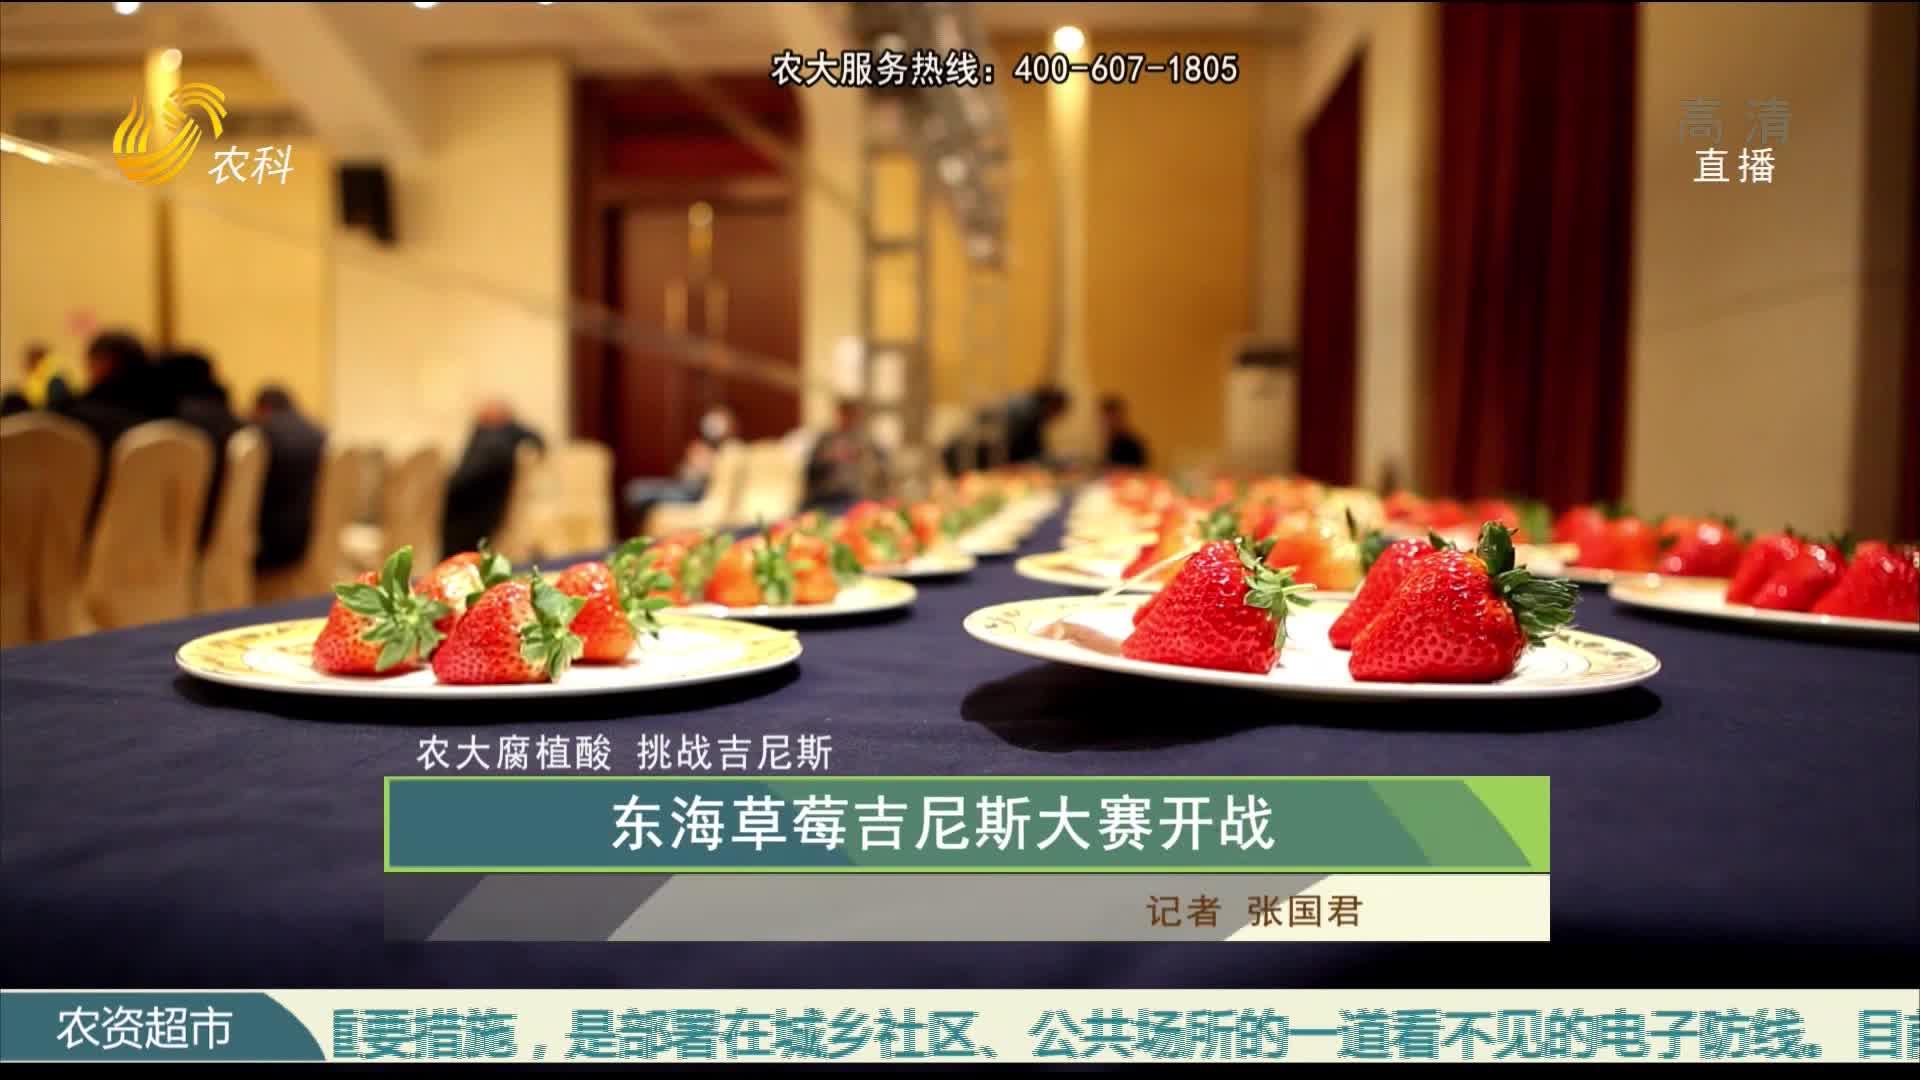 【农大腐植酸 挑战吉尼斯】东海草莓吉尼斯大赛开战